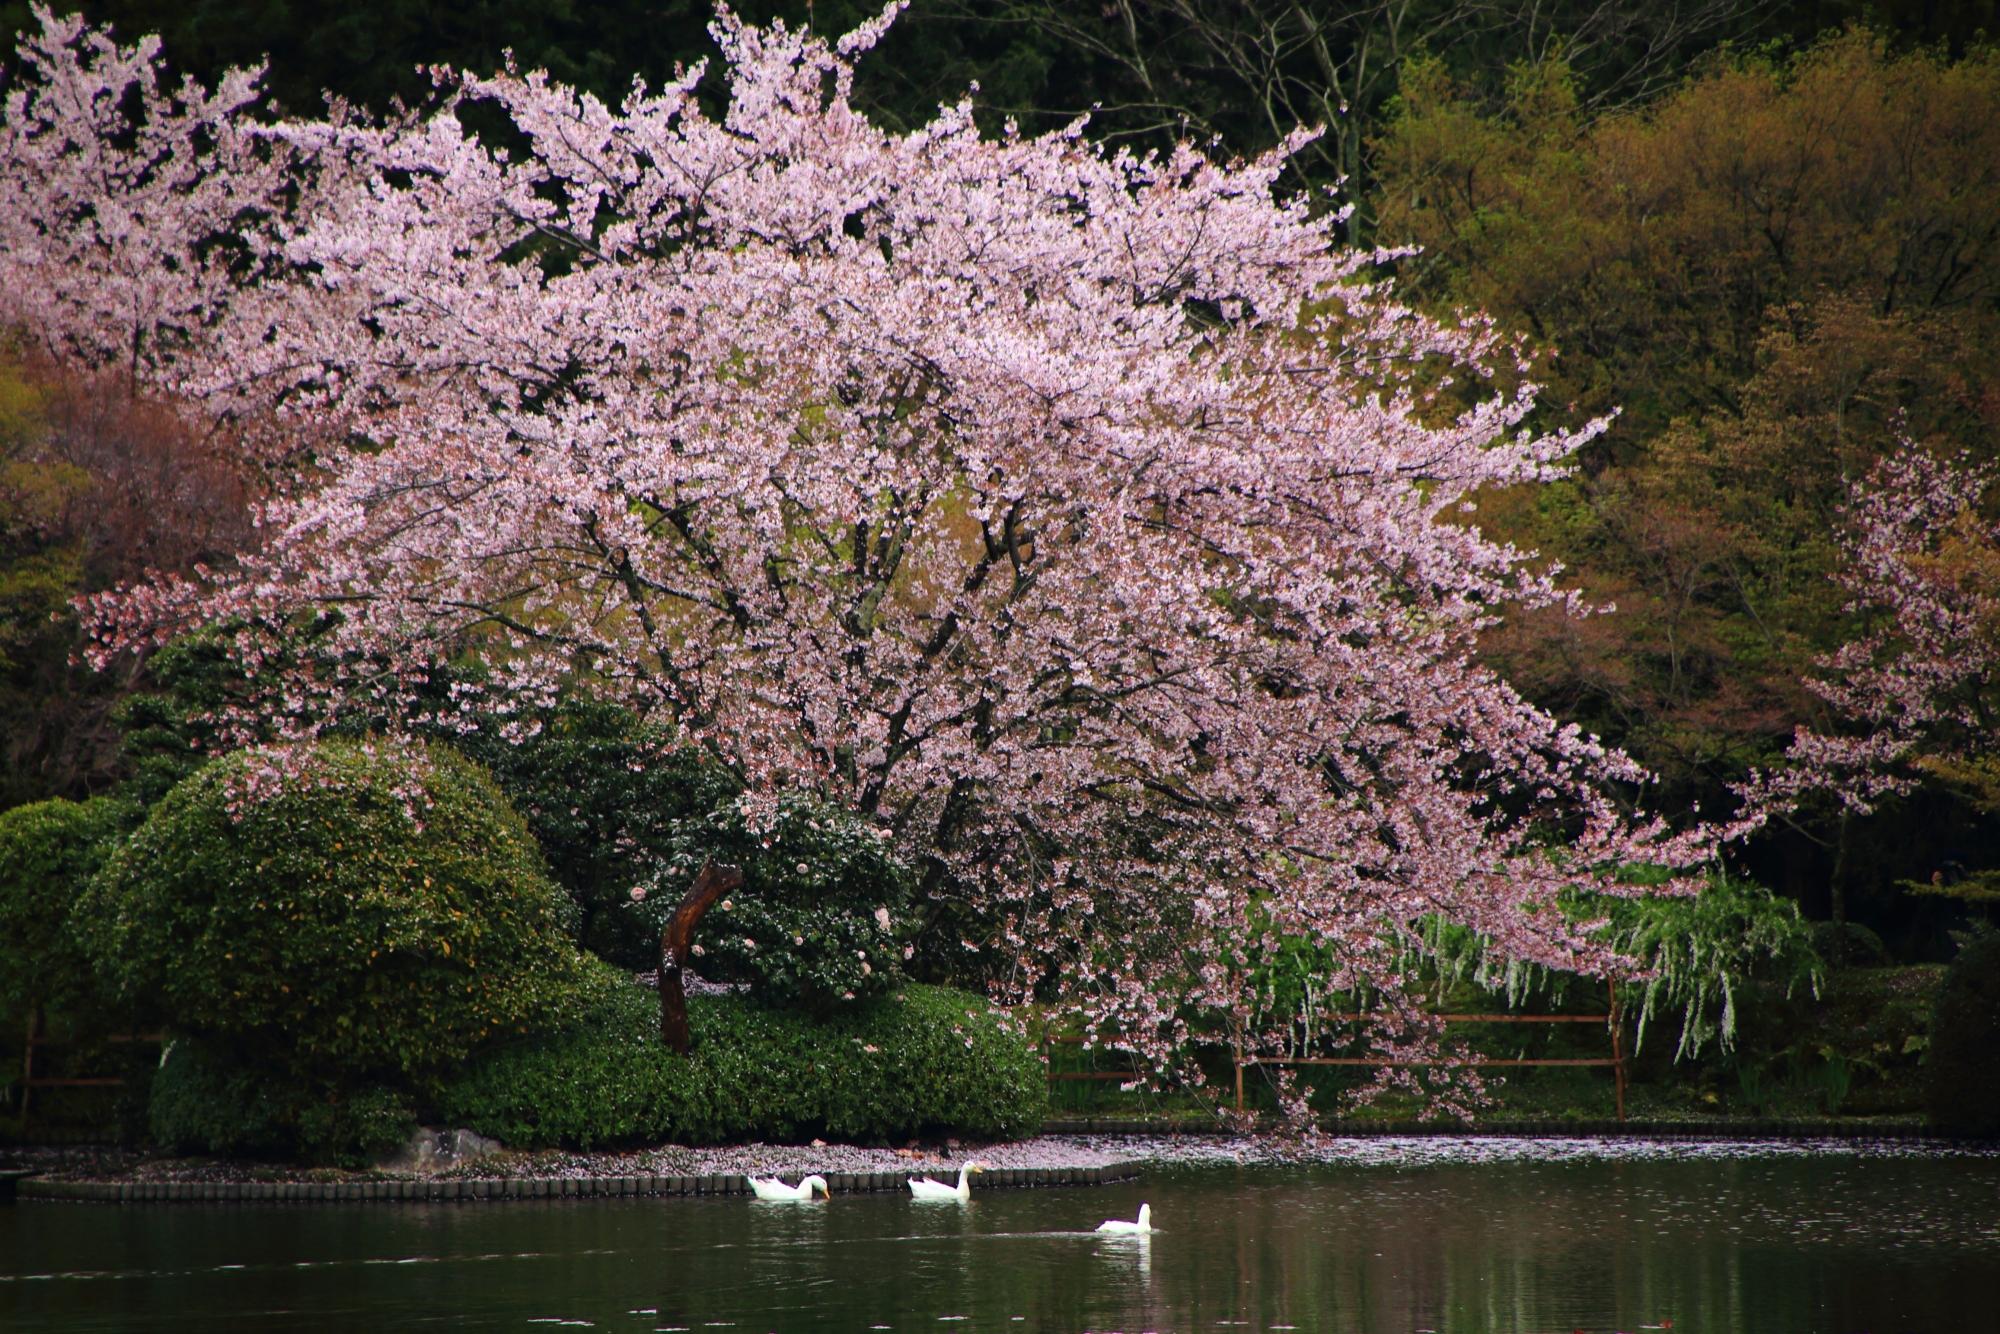 溢れんばかりに咲き誇る桜とアヒルさん